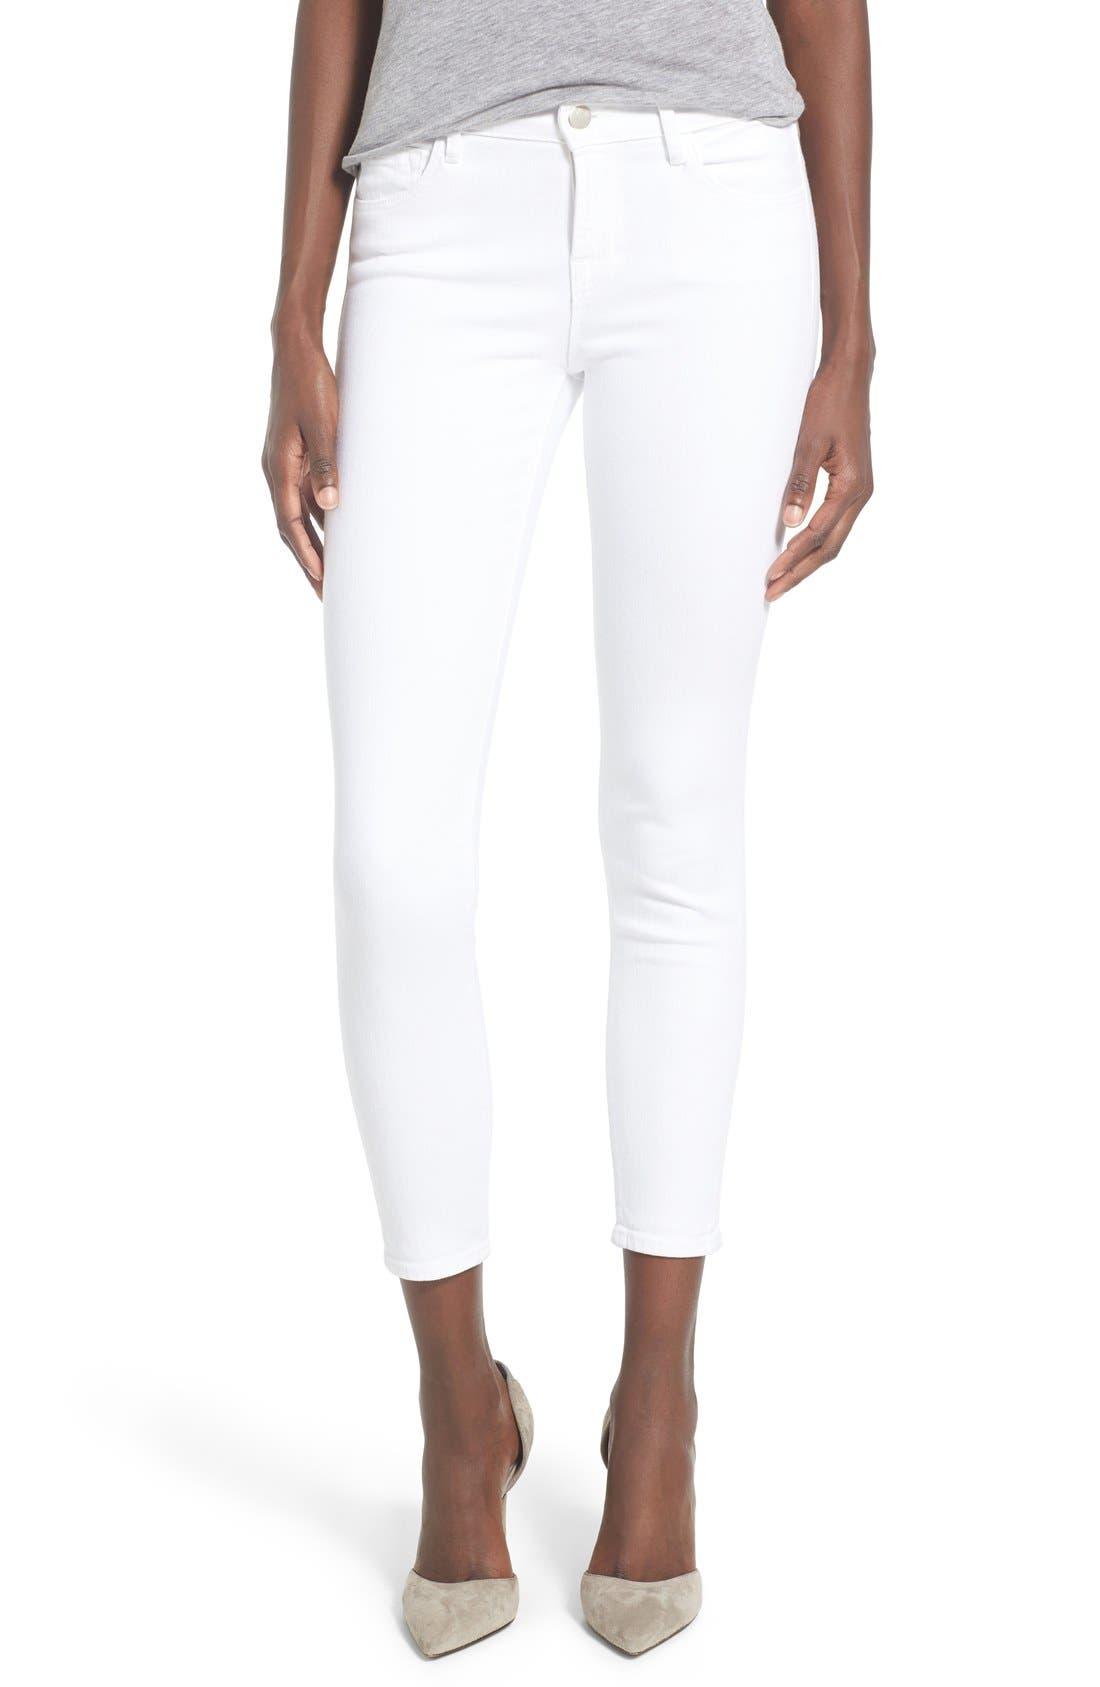 Alternate Image 1 Selected - J Brand Capri Skinny Jeans